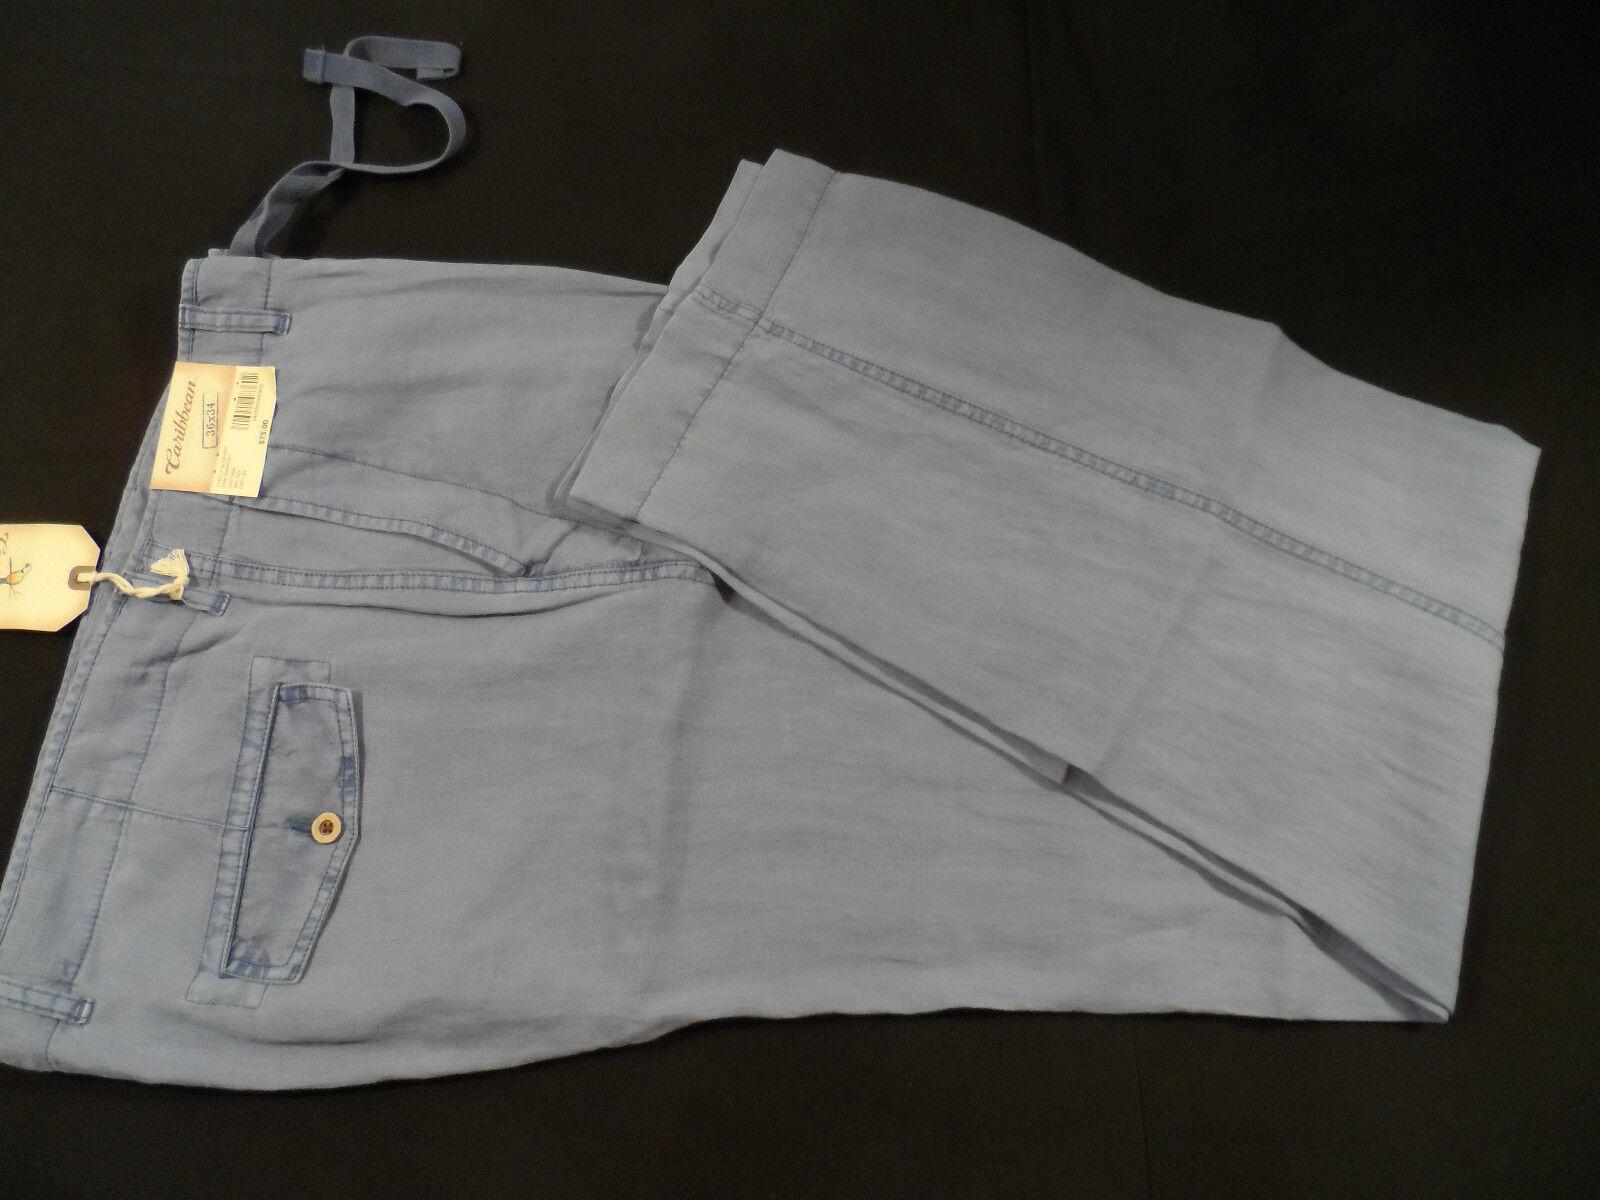 Caribbean Men's 100% Linen Pants, color-bluee, Various Sizes, NWT